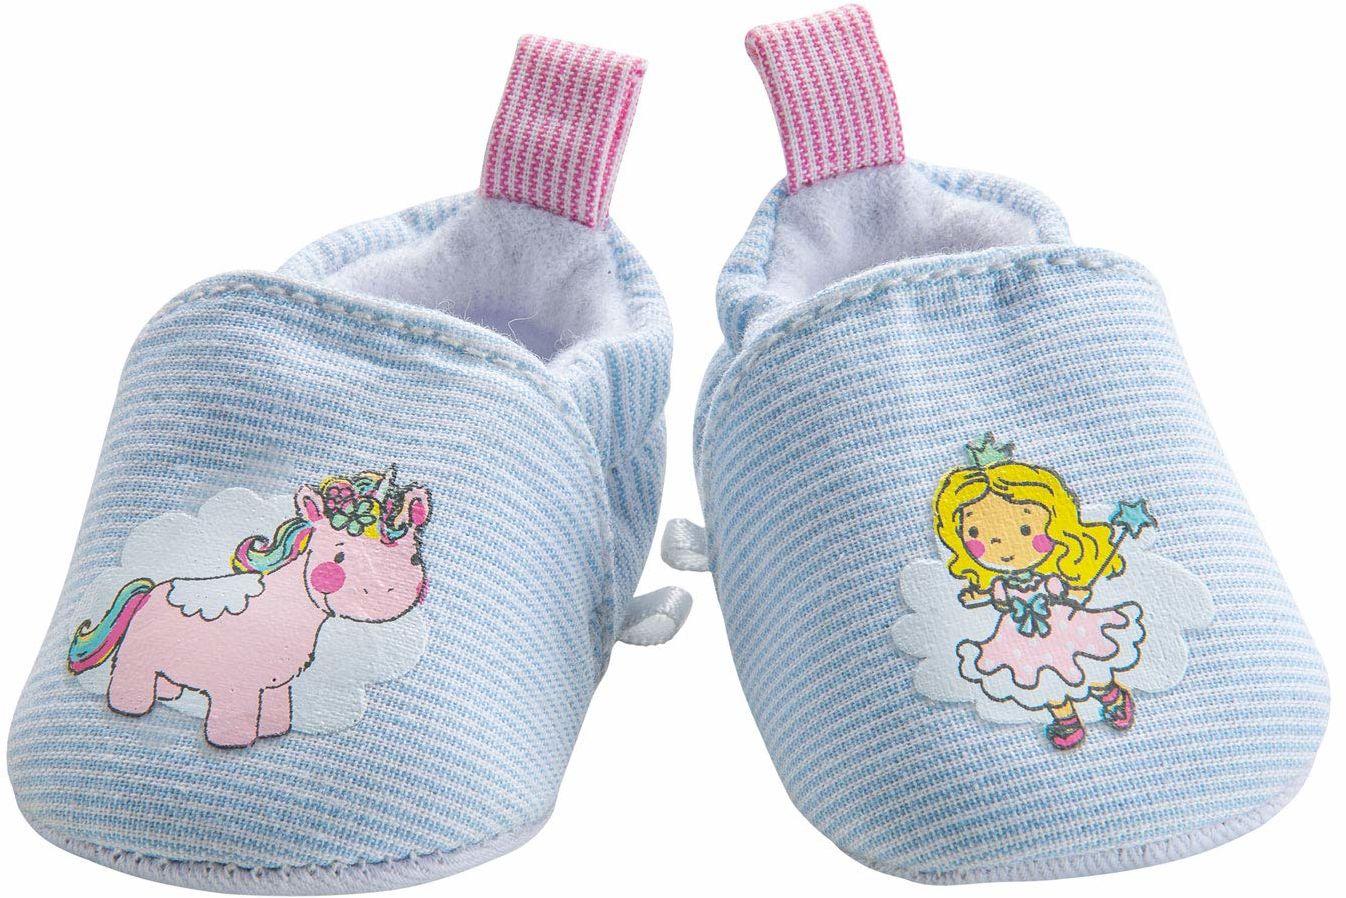 Heless 9441 buty dla lalek, jednorożec Emil i Fee Emma, rozmiar 30-34 cm